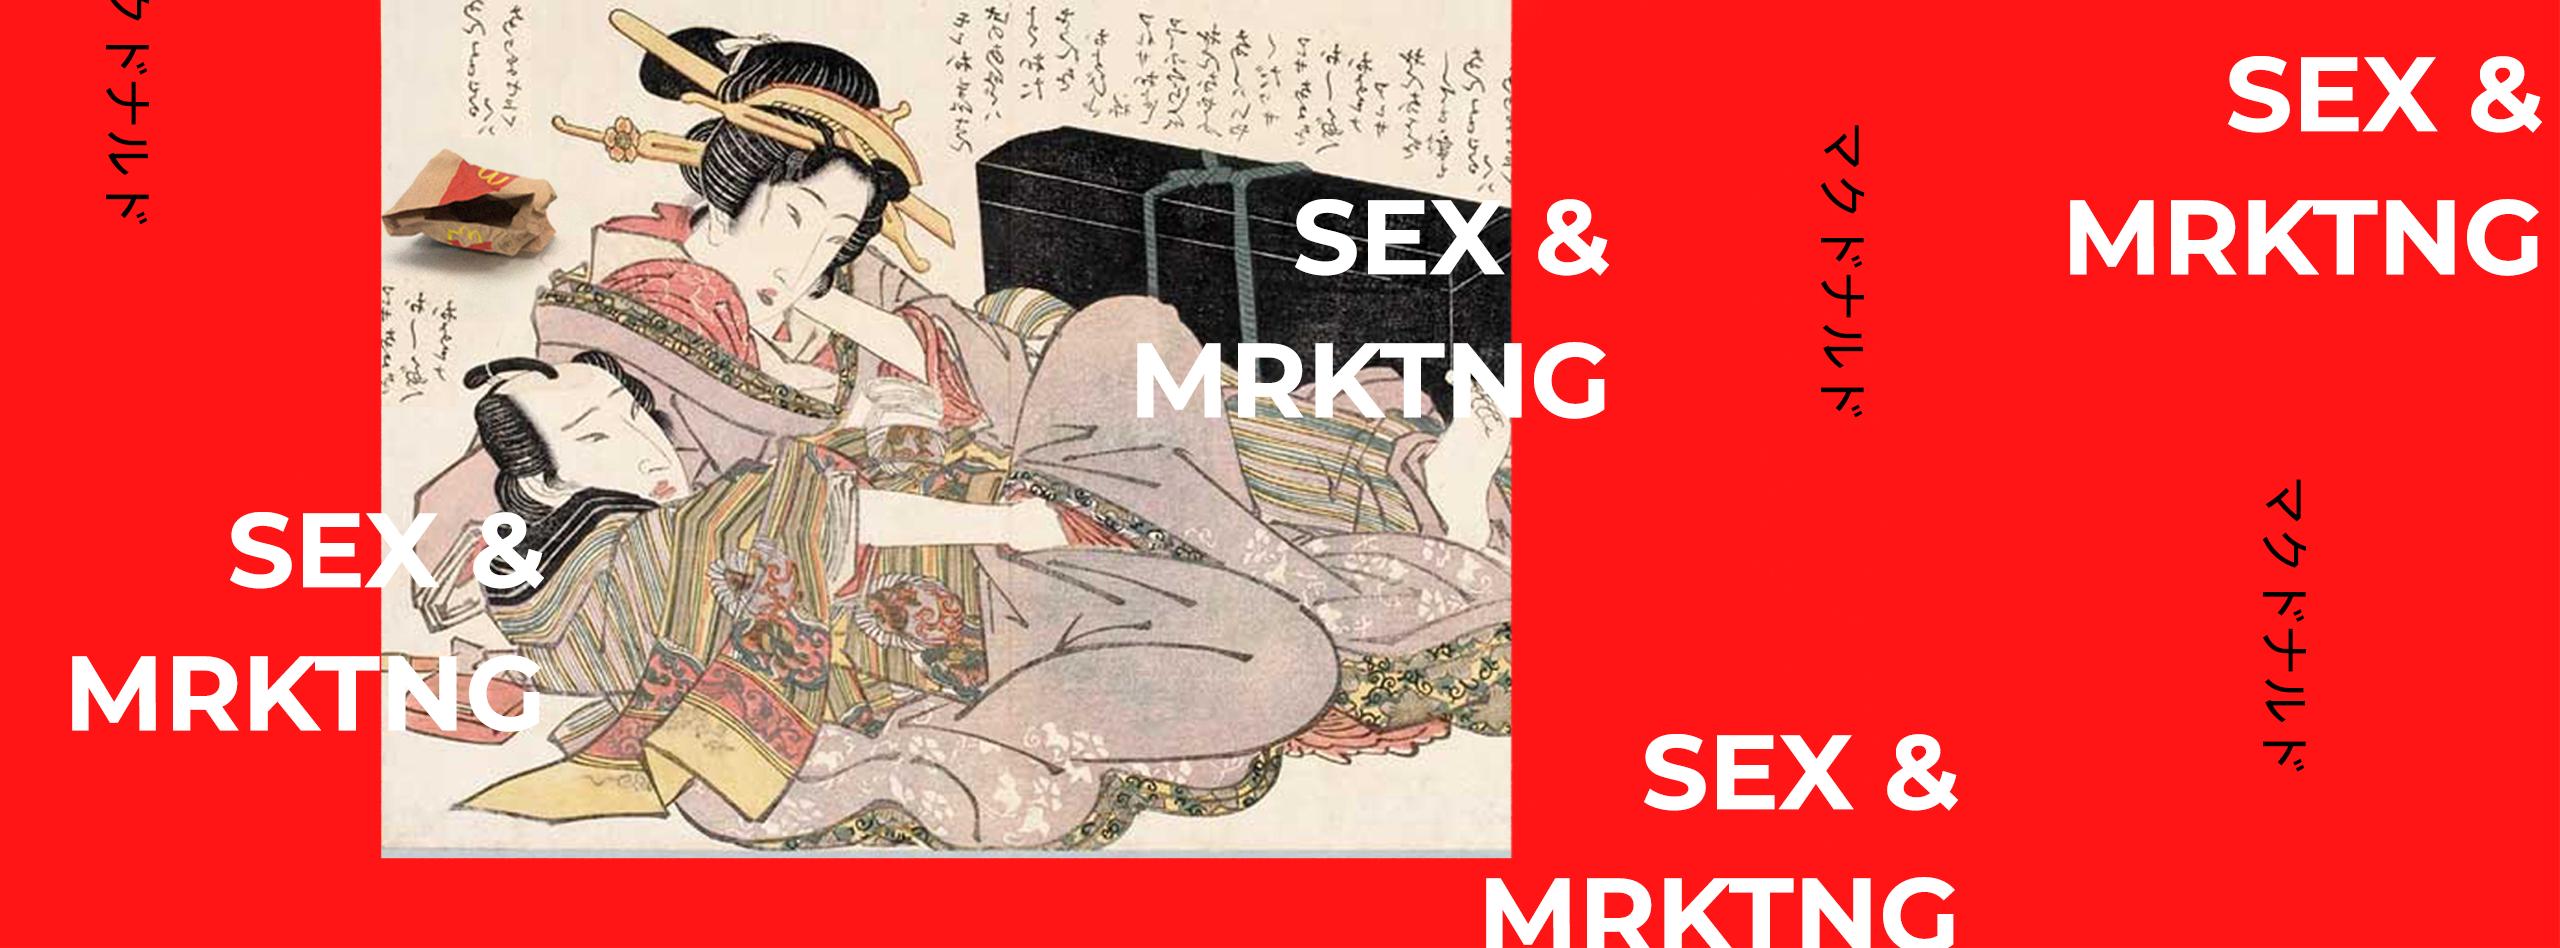 Точка G в маркетинге для Y-поколения: как отсутствие секса убивает продажи